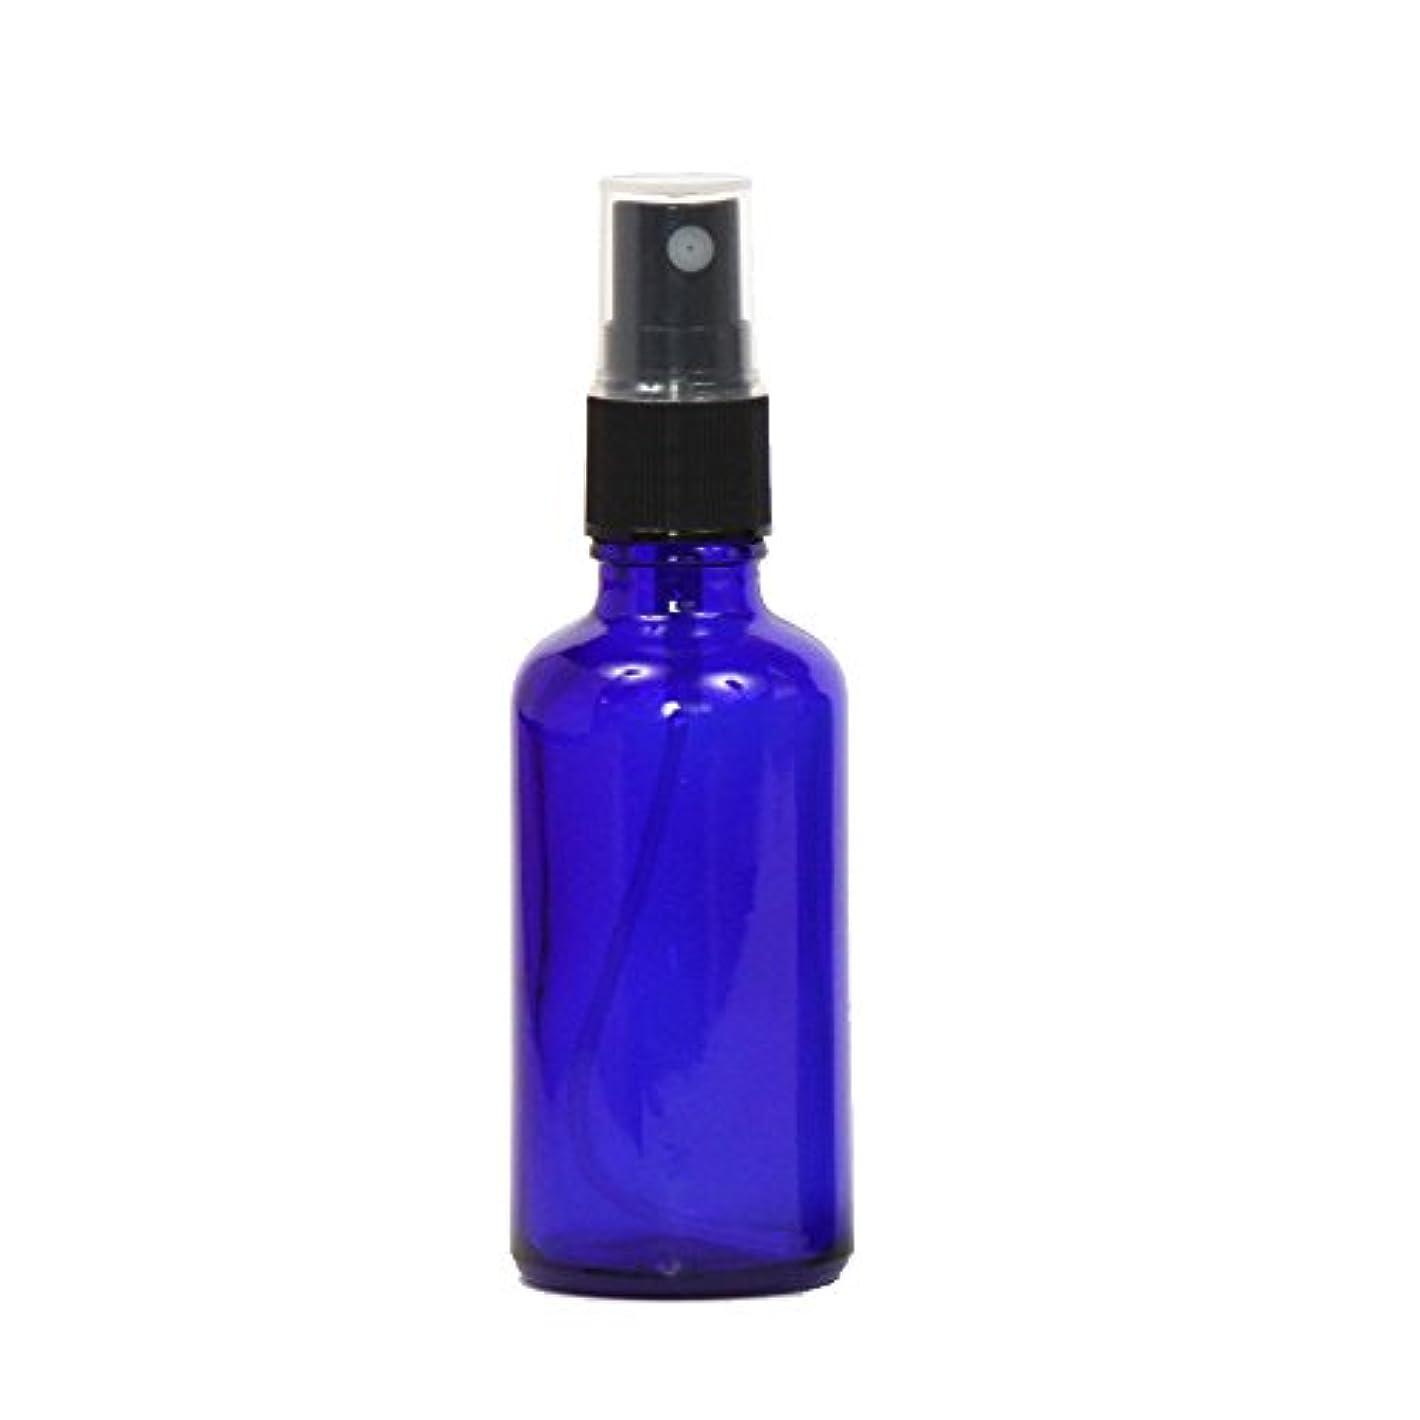 沈黙損なうコマーススプレー容器 ガラス瓶ボトル 50mL 遮光性ブルー おしゃれガラスアトマイザー 空容器bu50g